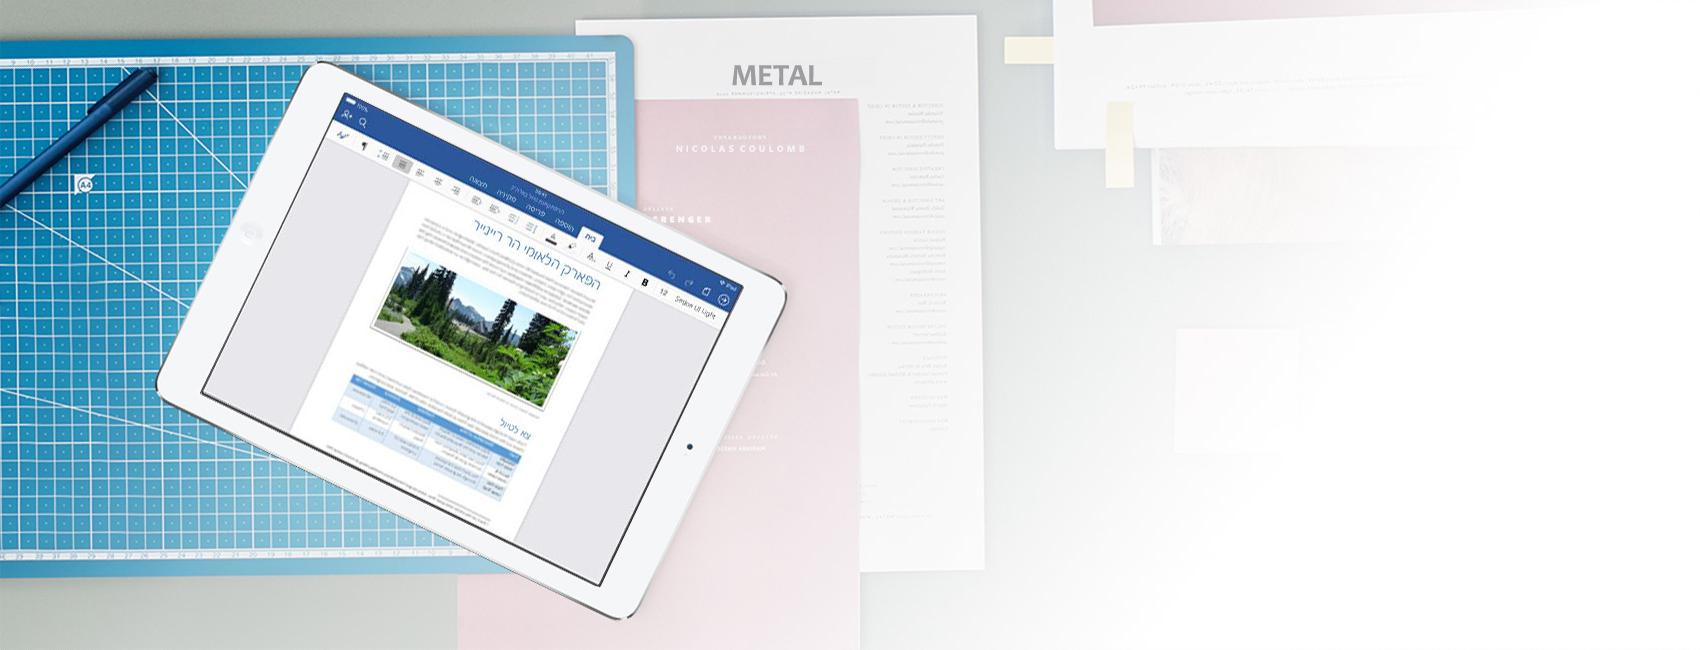 iPad המציג מסמך של Word לגבי הפארק הלאומי הר רינייר ביישום Word עבור iOS